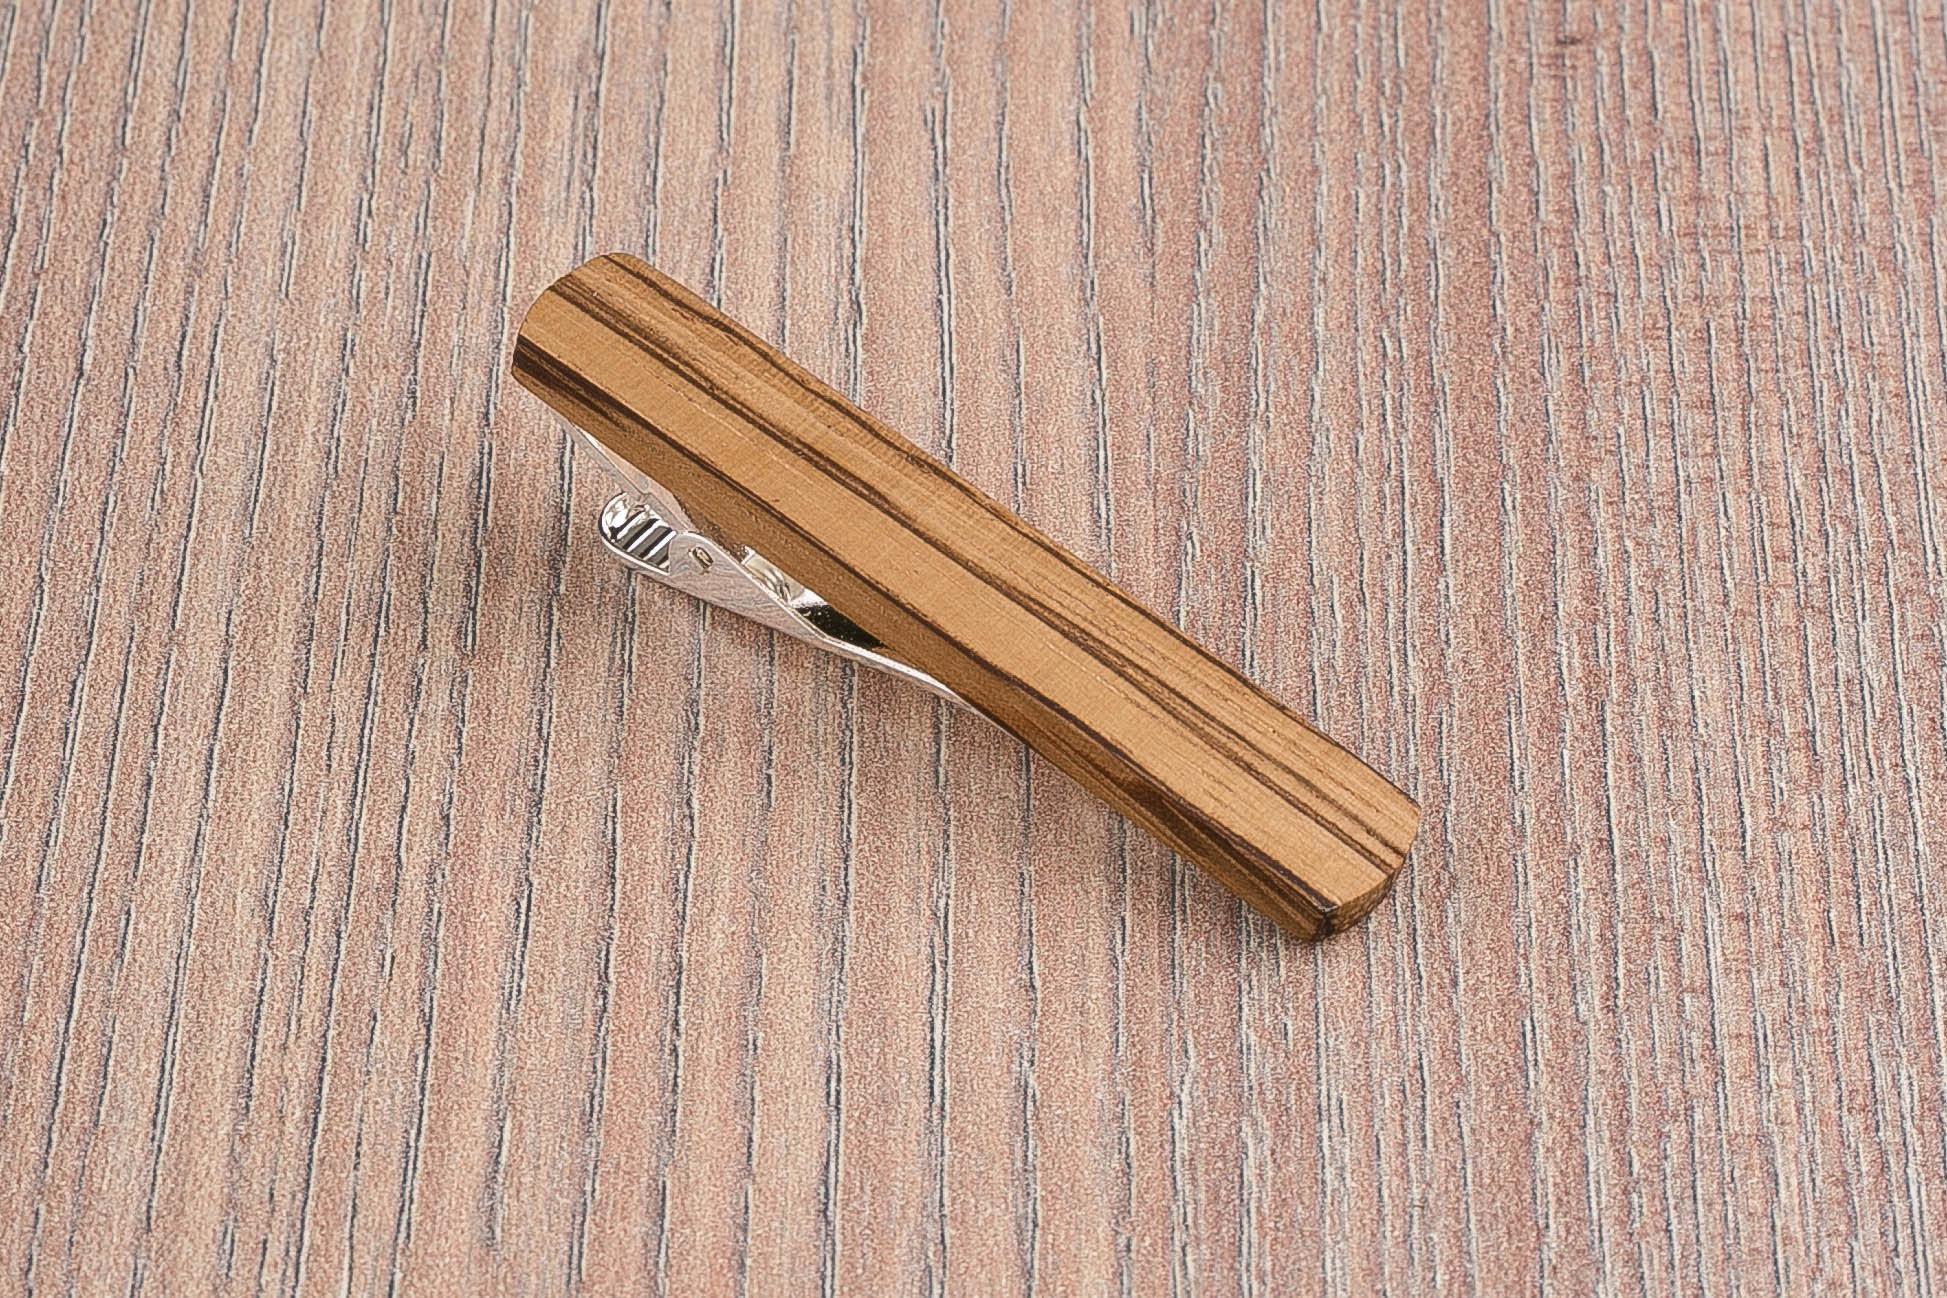 Деревянный зажим для галстука. Массив зебрано. Гравировка имени или инициалов. Планка для галстука. Подарок для друзей жениха. Подарок на деревянную свадьбу